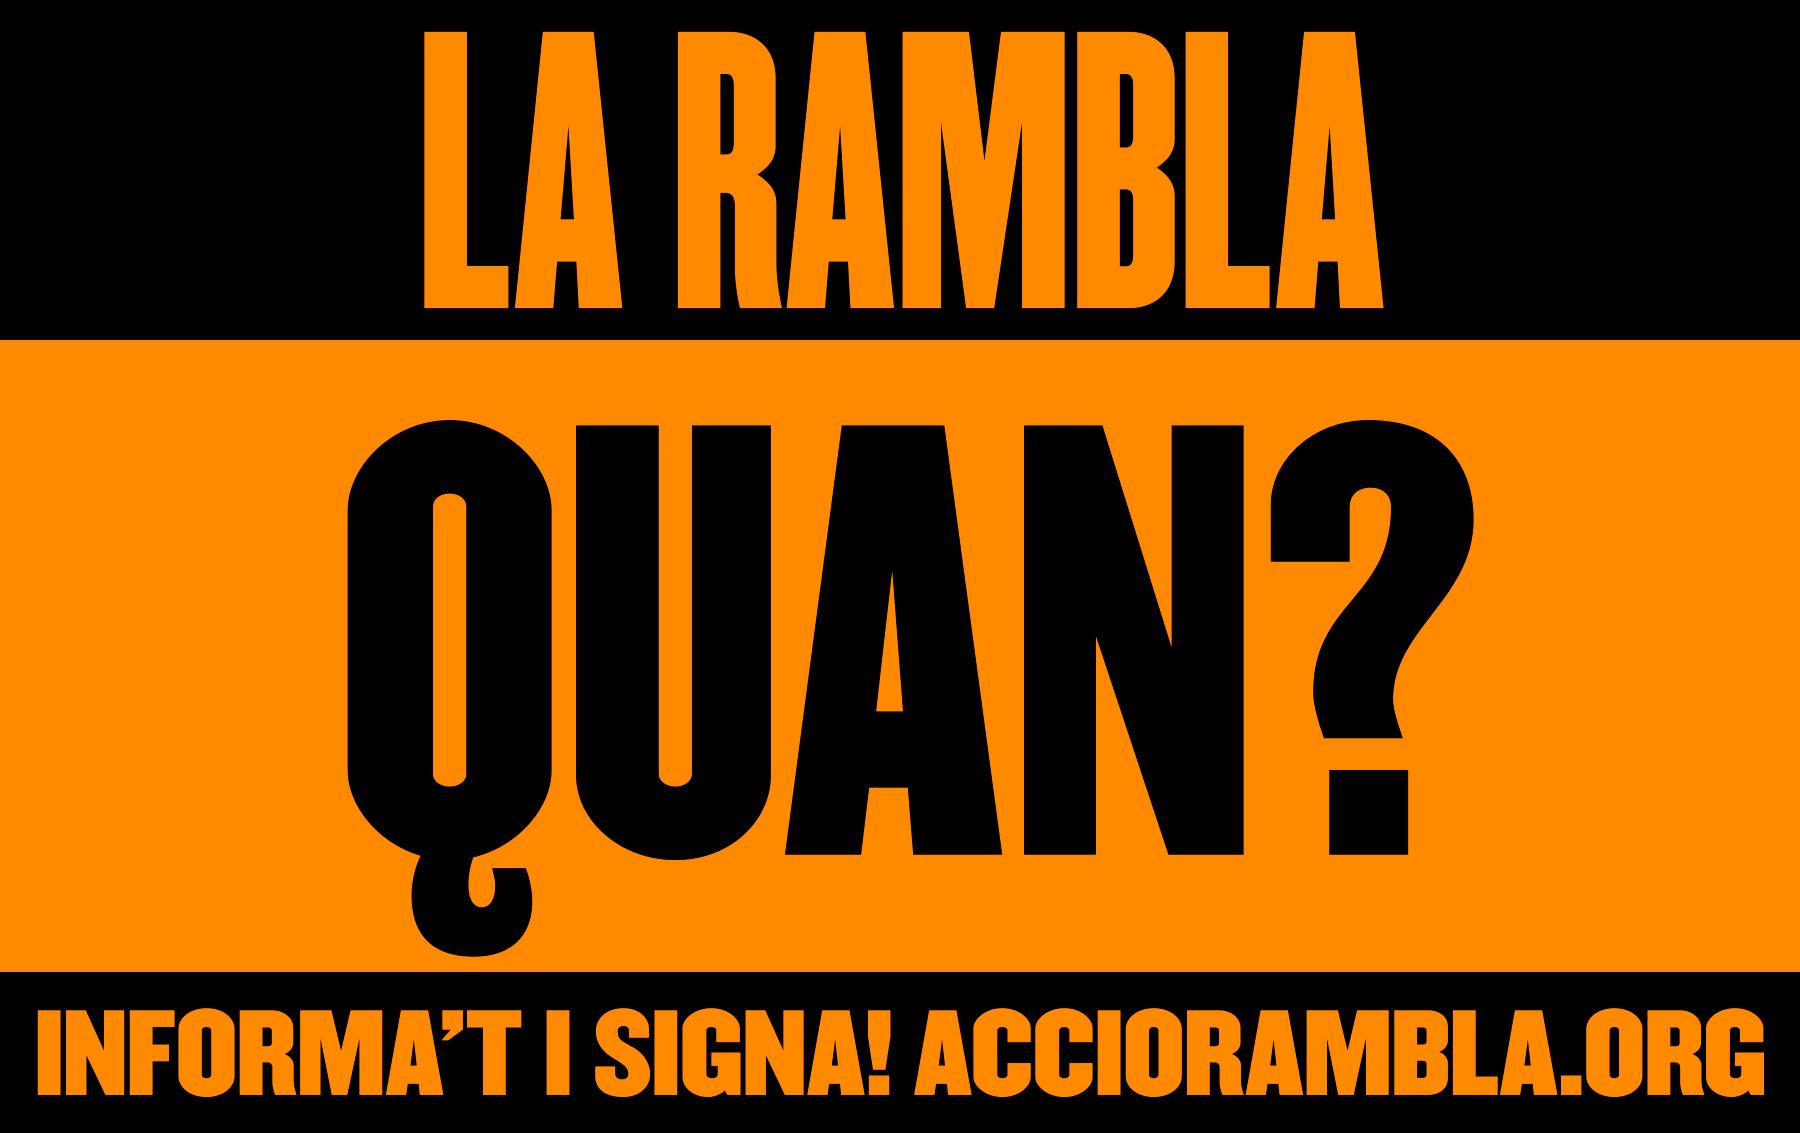 Acció Rambla – Clase bcn